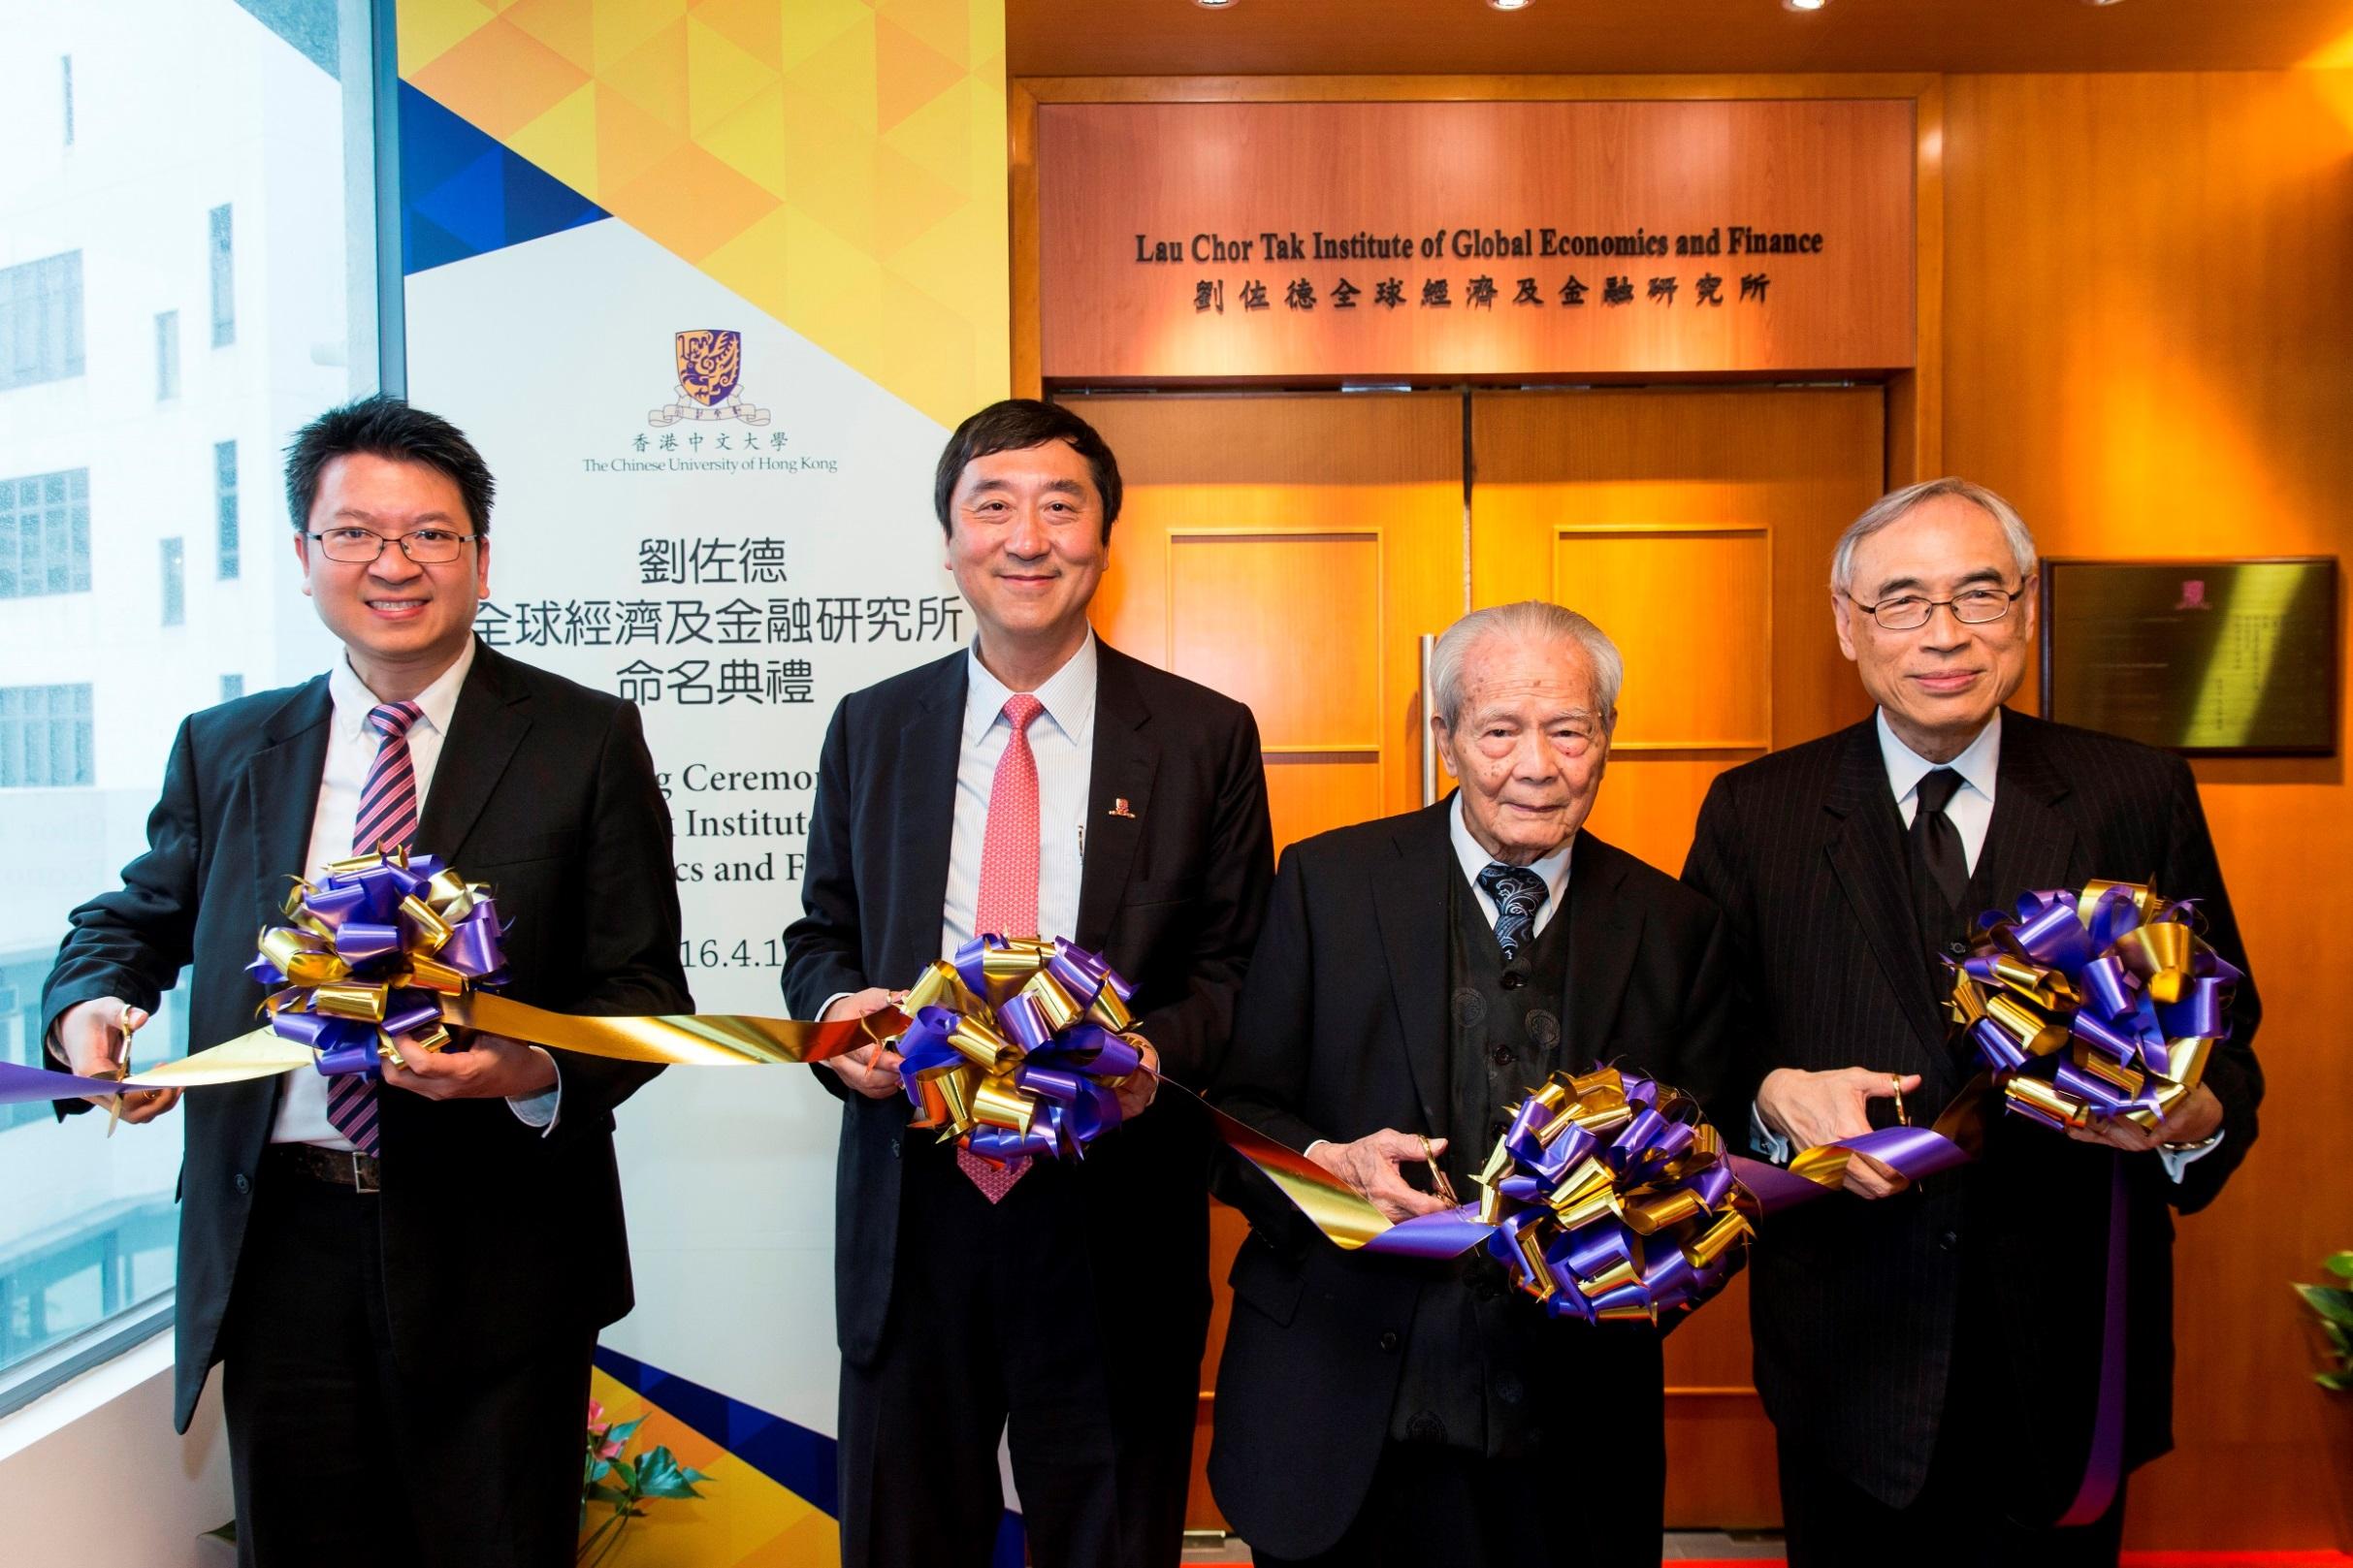 主礼嘉宾主持刘佐德全球经济及金融研究所剪彩仪式:(左起) 庄太量教授、沈祖尧校长、刘佐德先生,以及刘遵义教授。